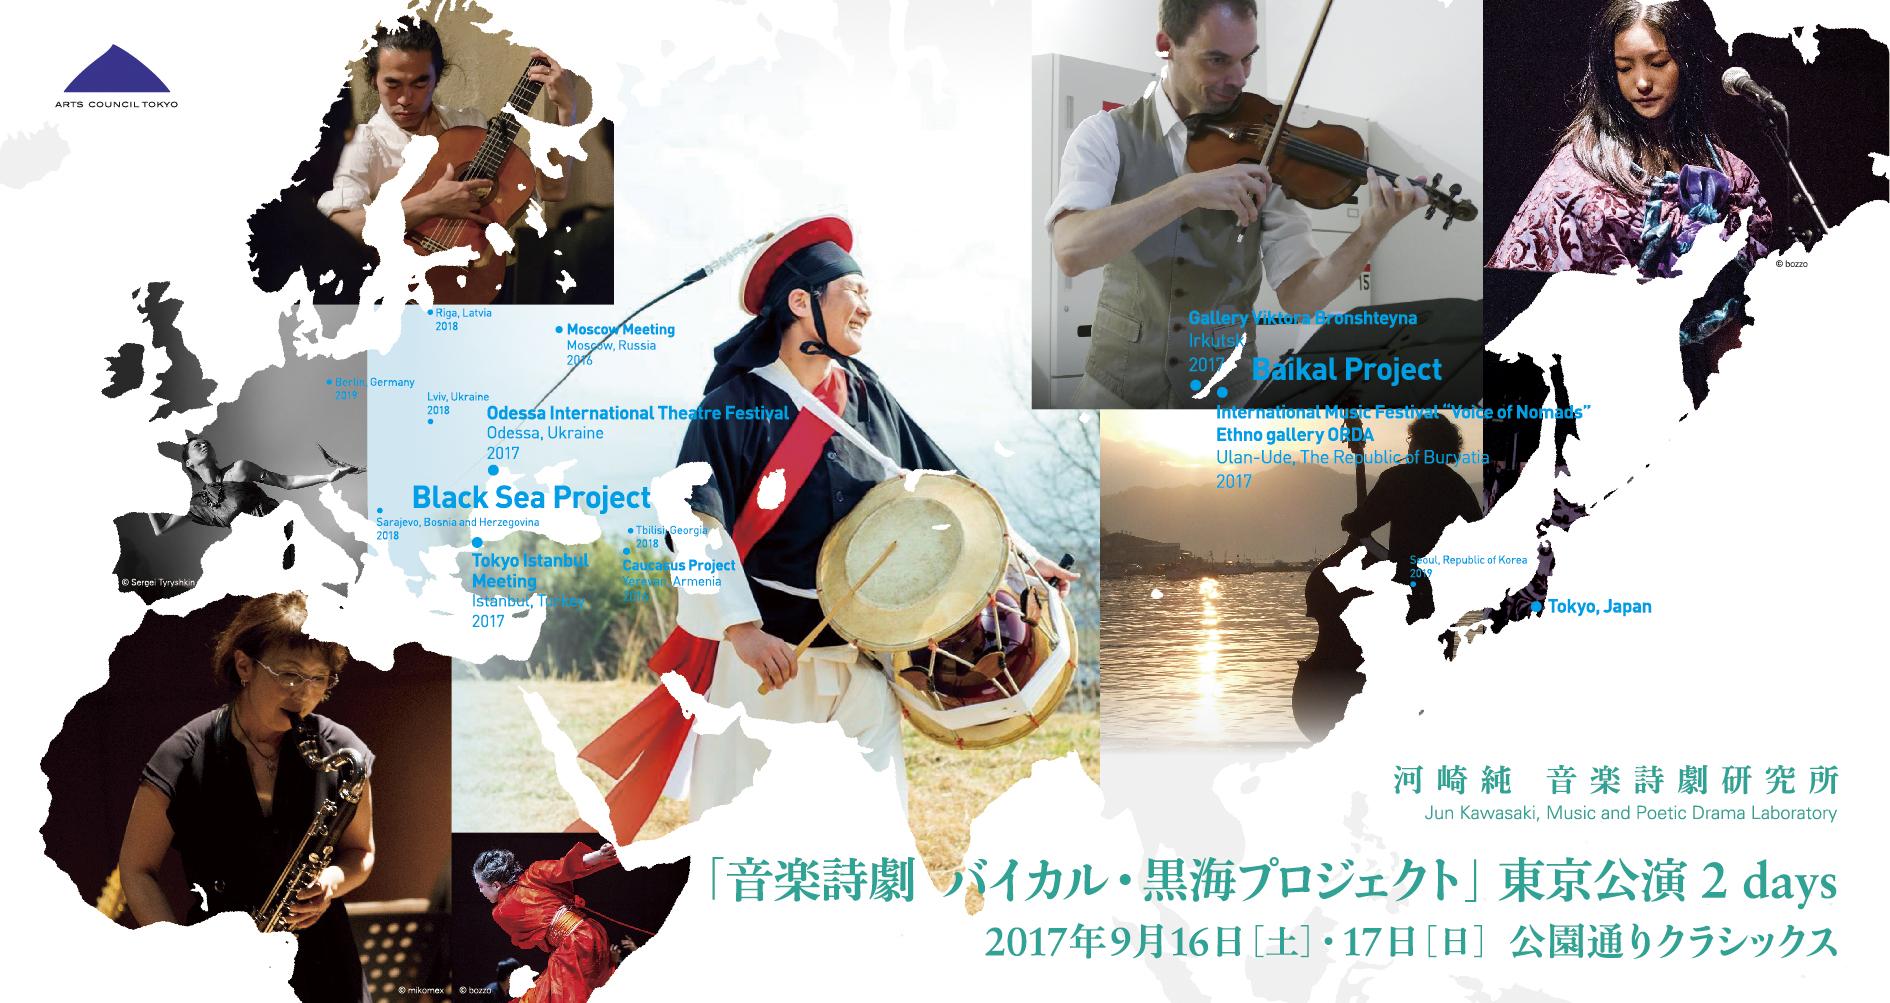 「音楽詩劇 バイカル・黒海プロジェクト」東京公演 2 days